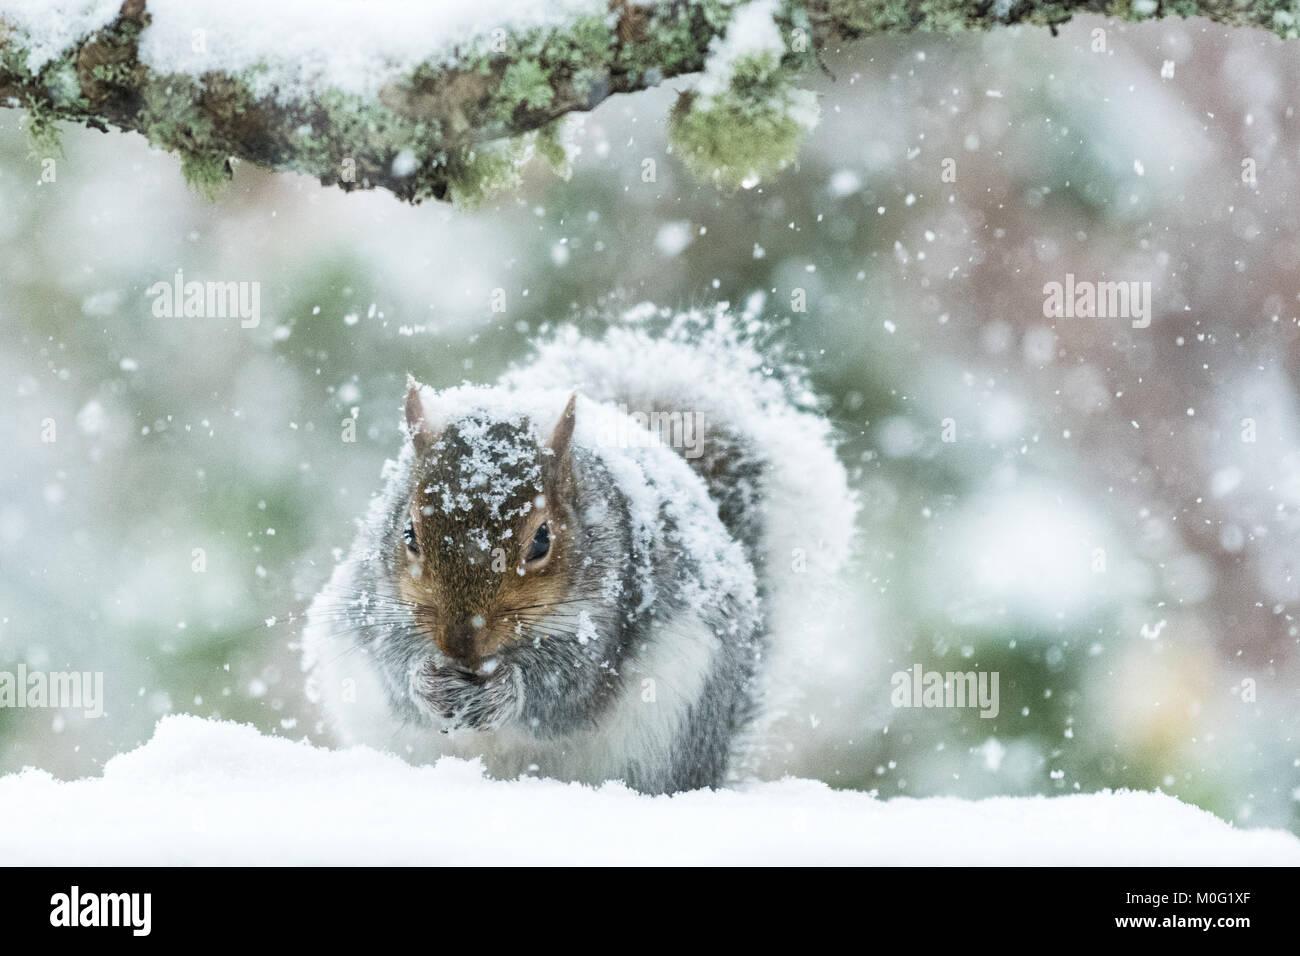 Scoiattolo grigio in Gran Bretagna in inverno - coperto di neve spessa - Scozia, Regno Unito Immagini Stock